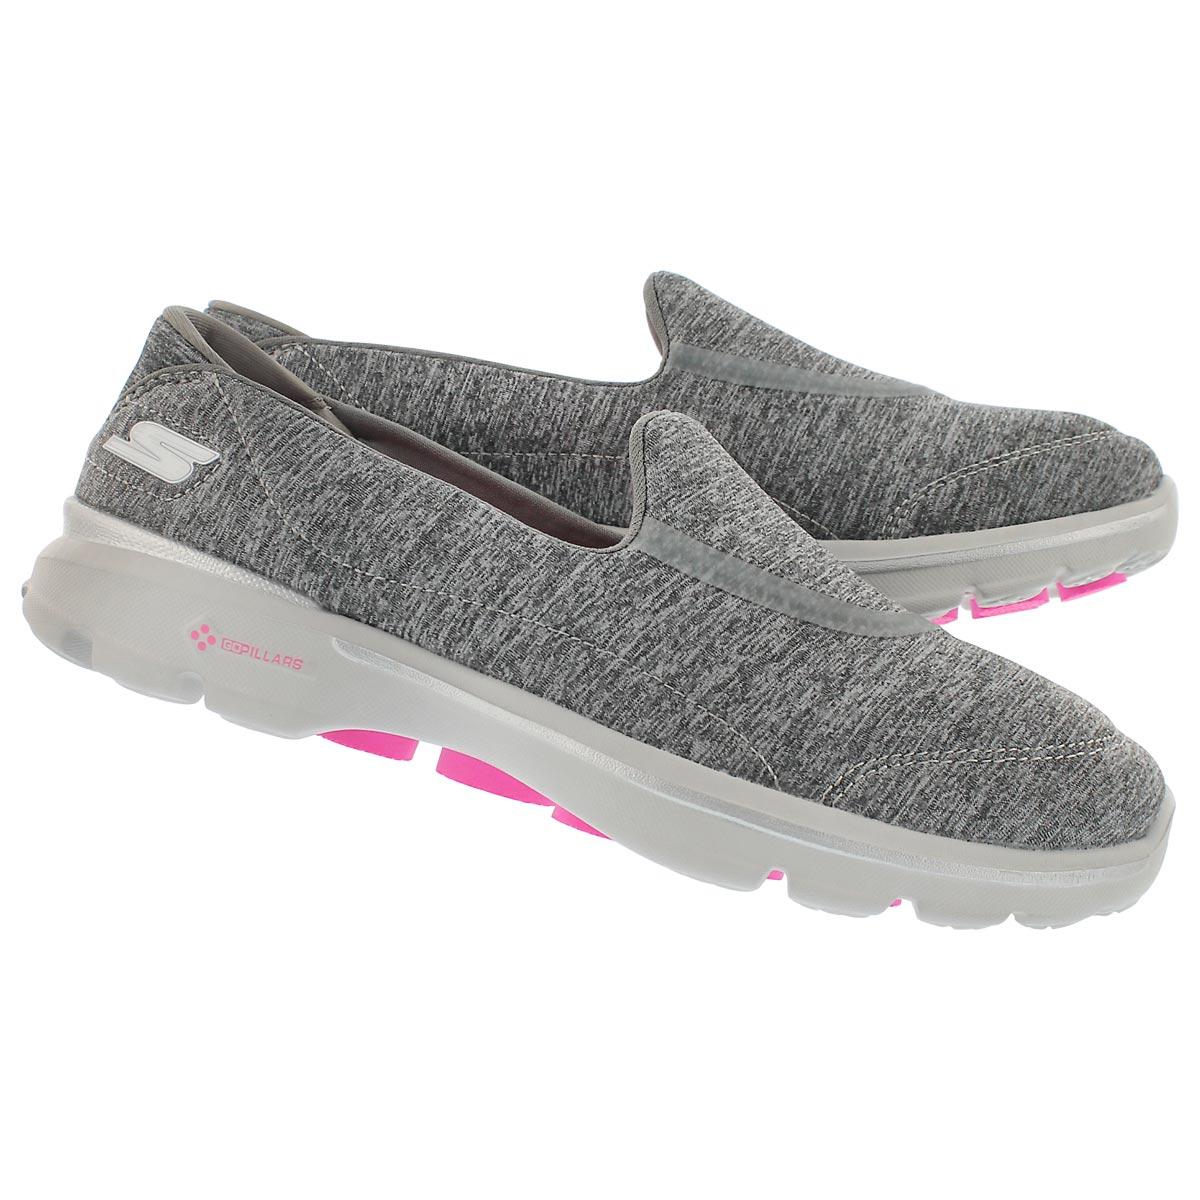 Chaussures GOwalk3 Balance, gris, fem